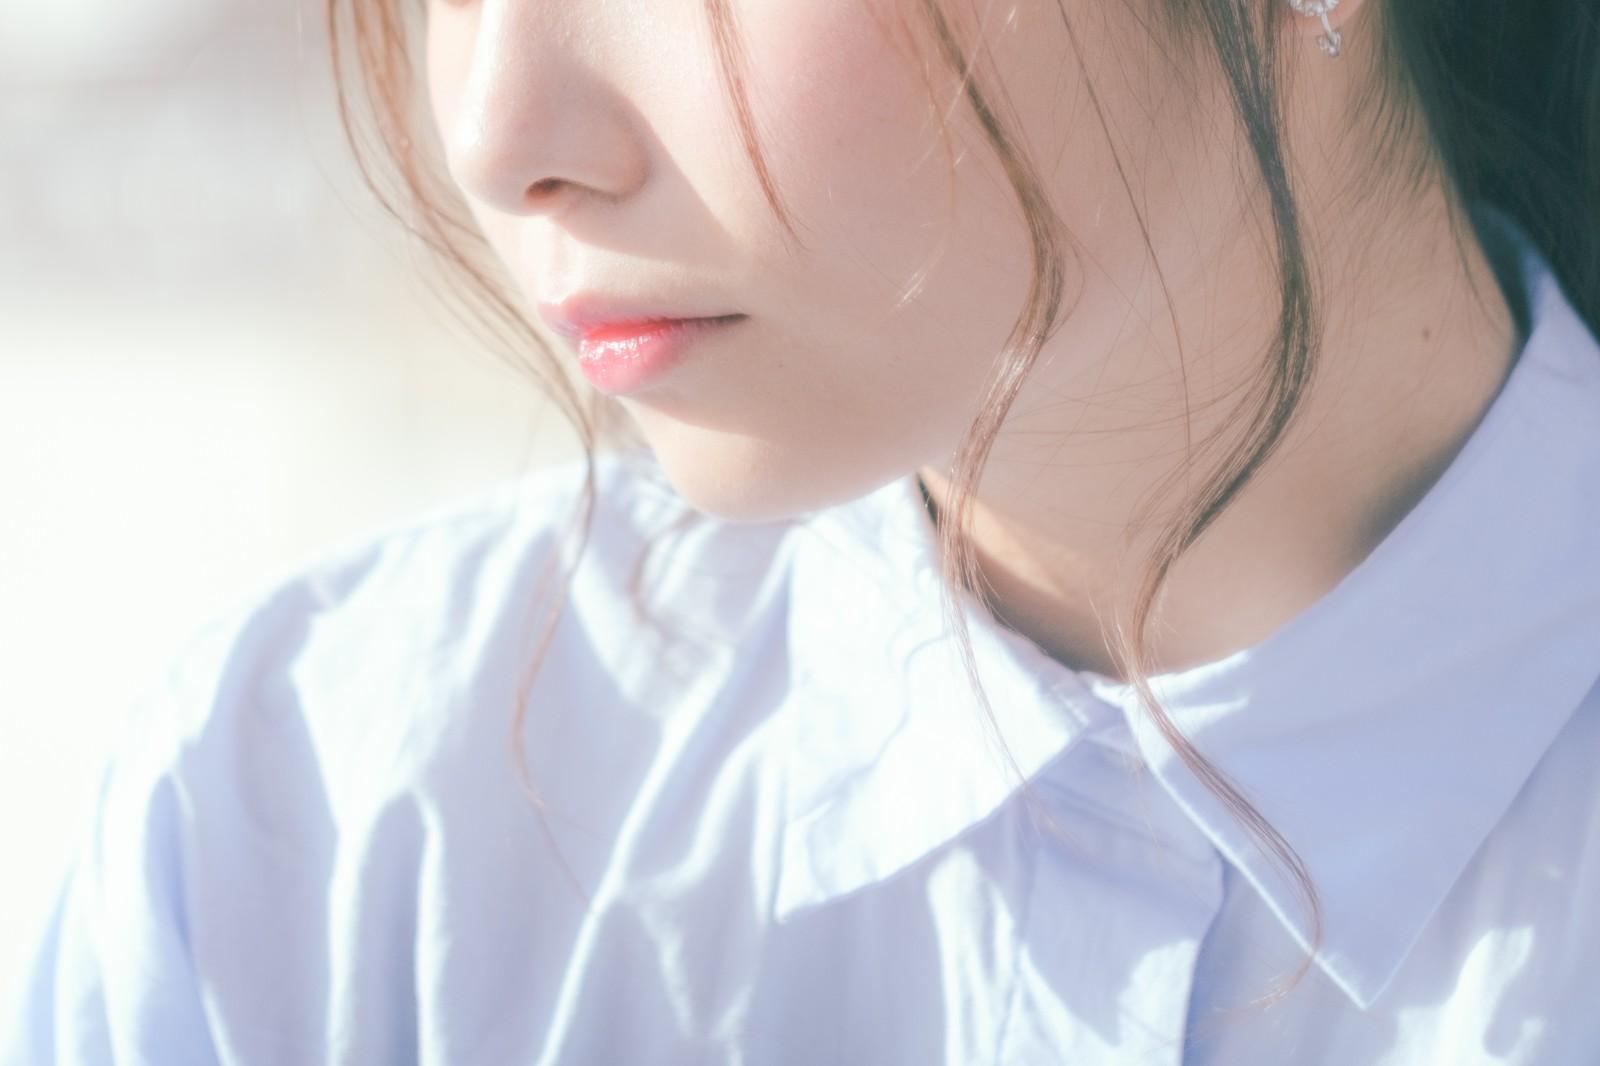 瑕疵遮好就能有粉嫩透明感?亮面肌vs雾面肌日本底妆流行大预想!